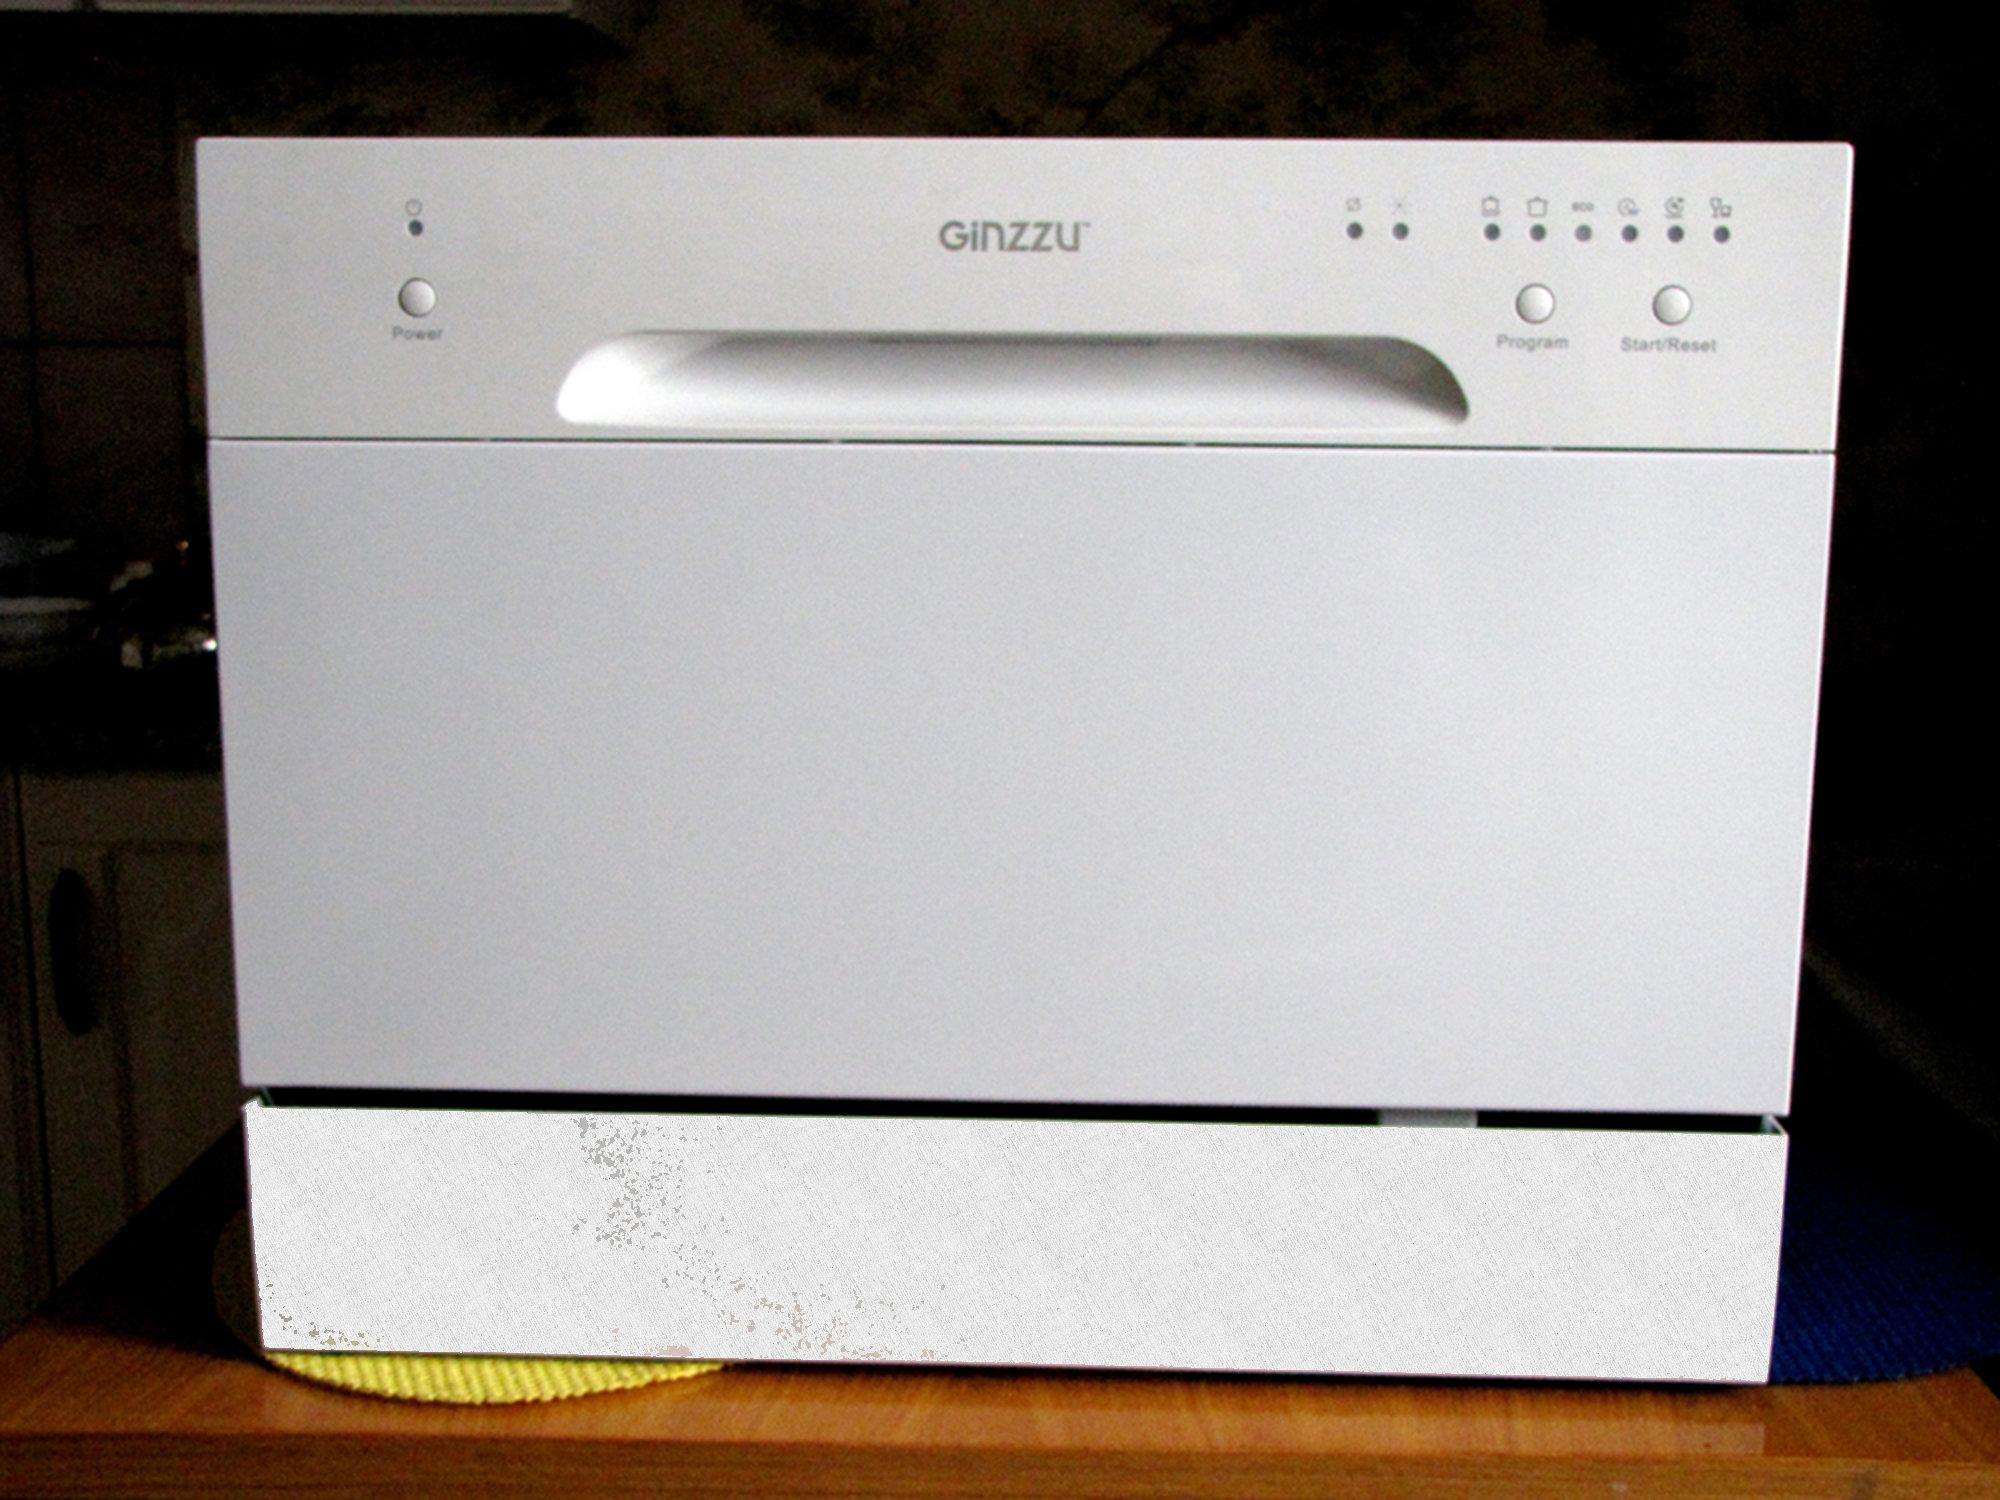 Ginzzu DC261